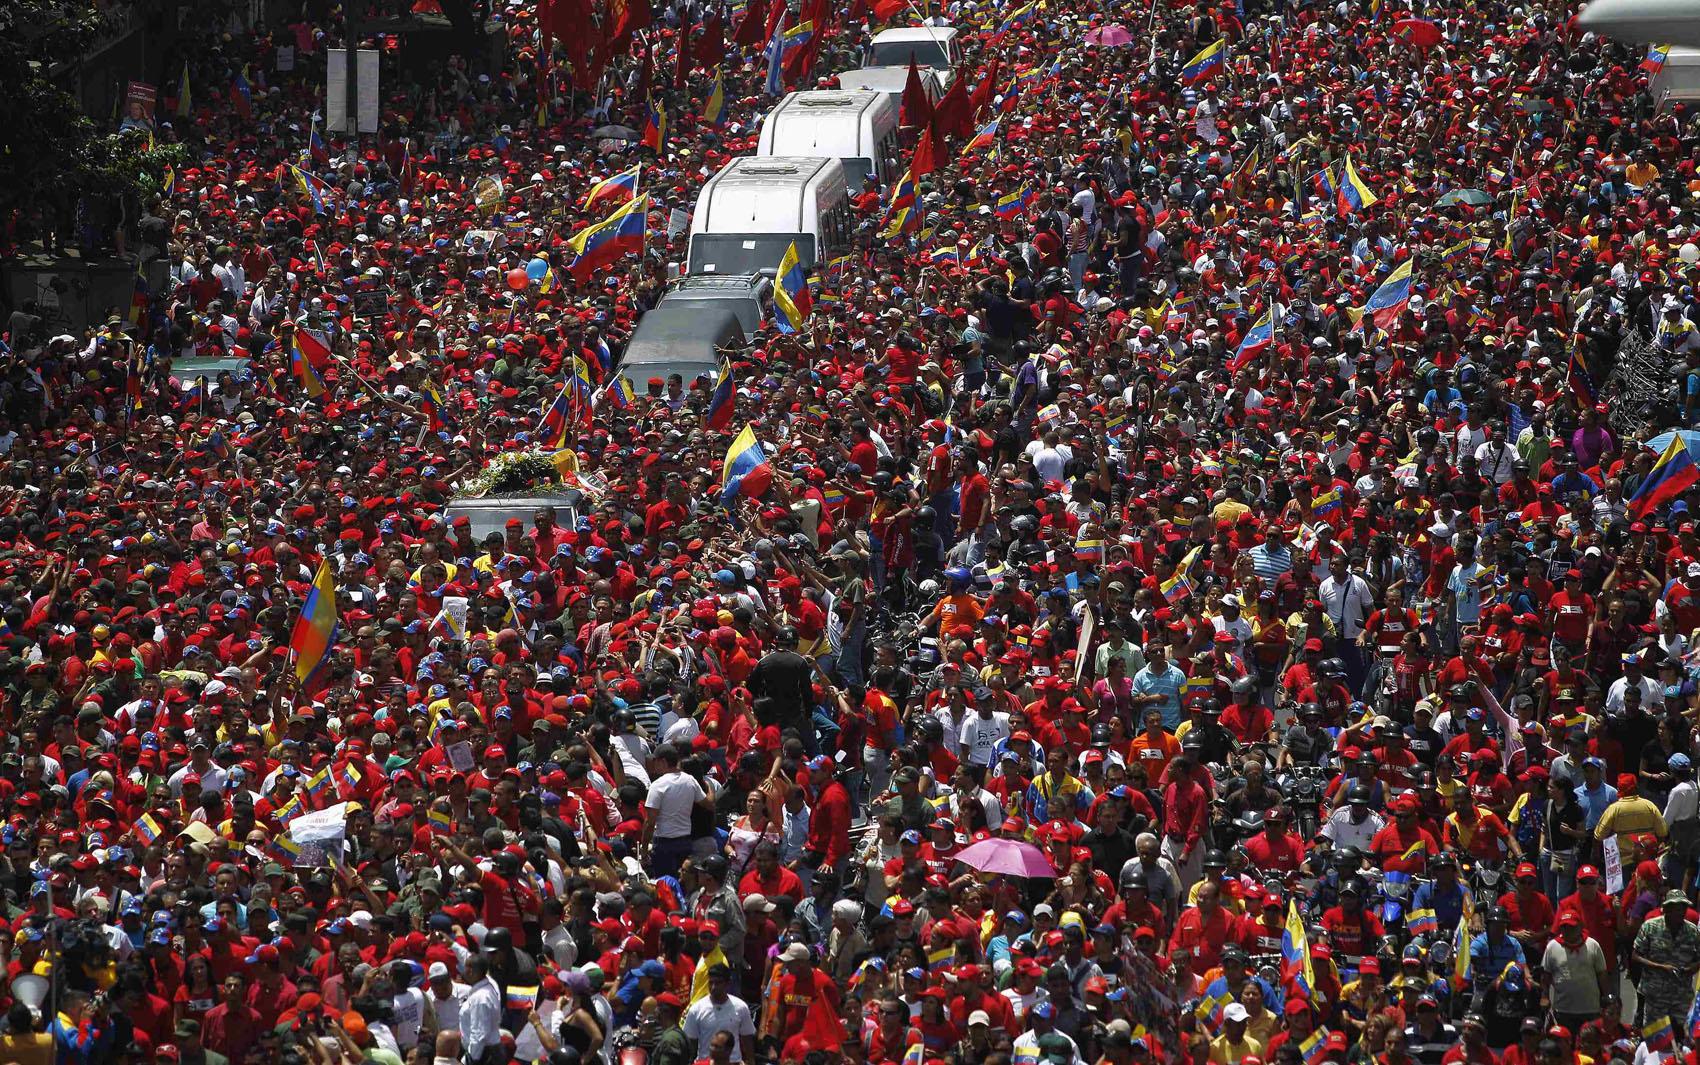 Multidão cerca o caixão com o corpo de Hugo Chávez durante cortejo